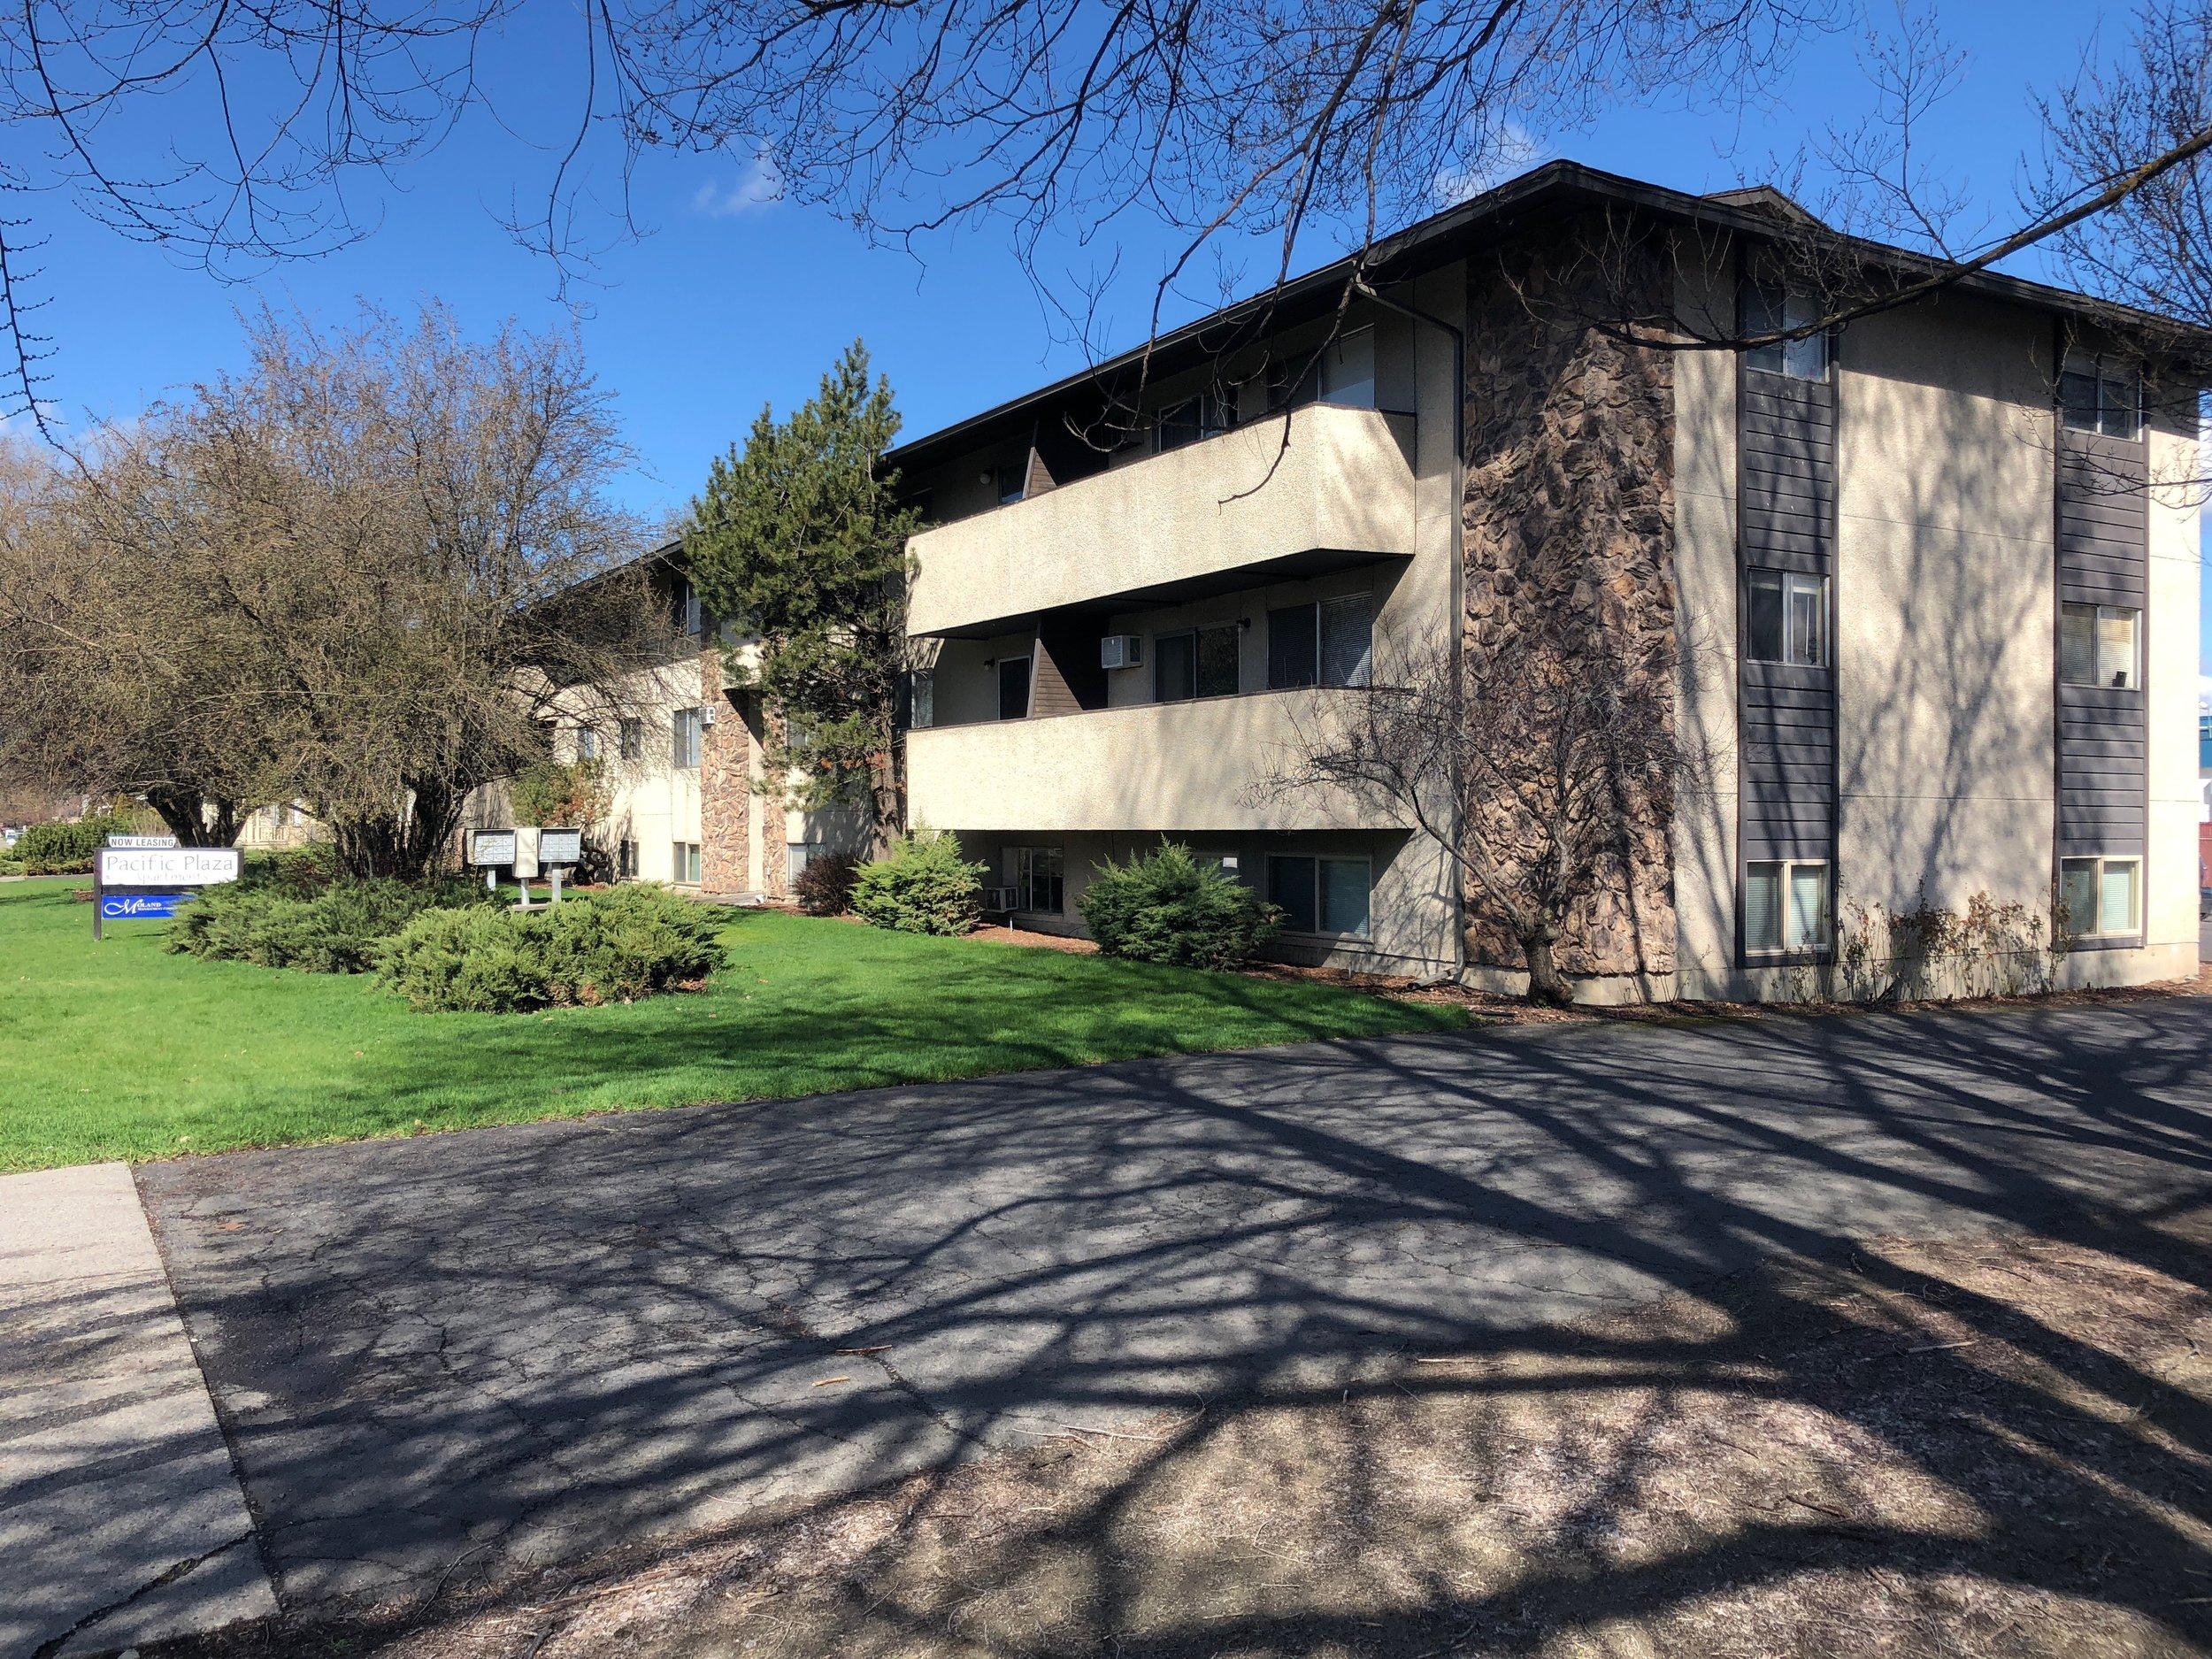 28 Unit Apartment Complex in East Spokane   Sale: $1,800,000